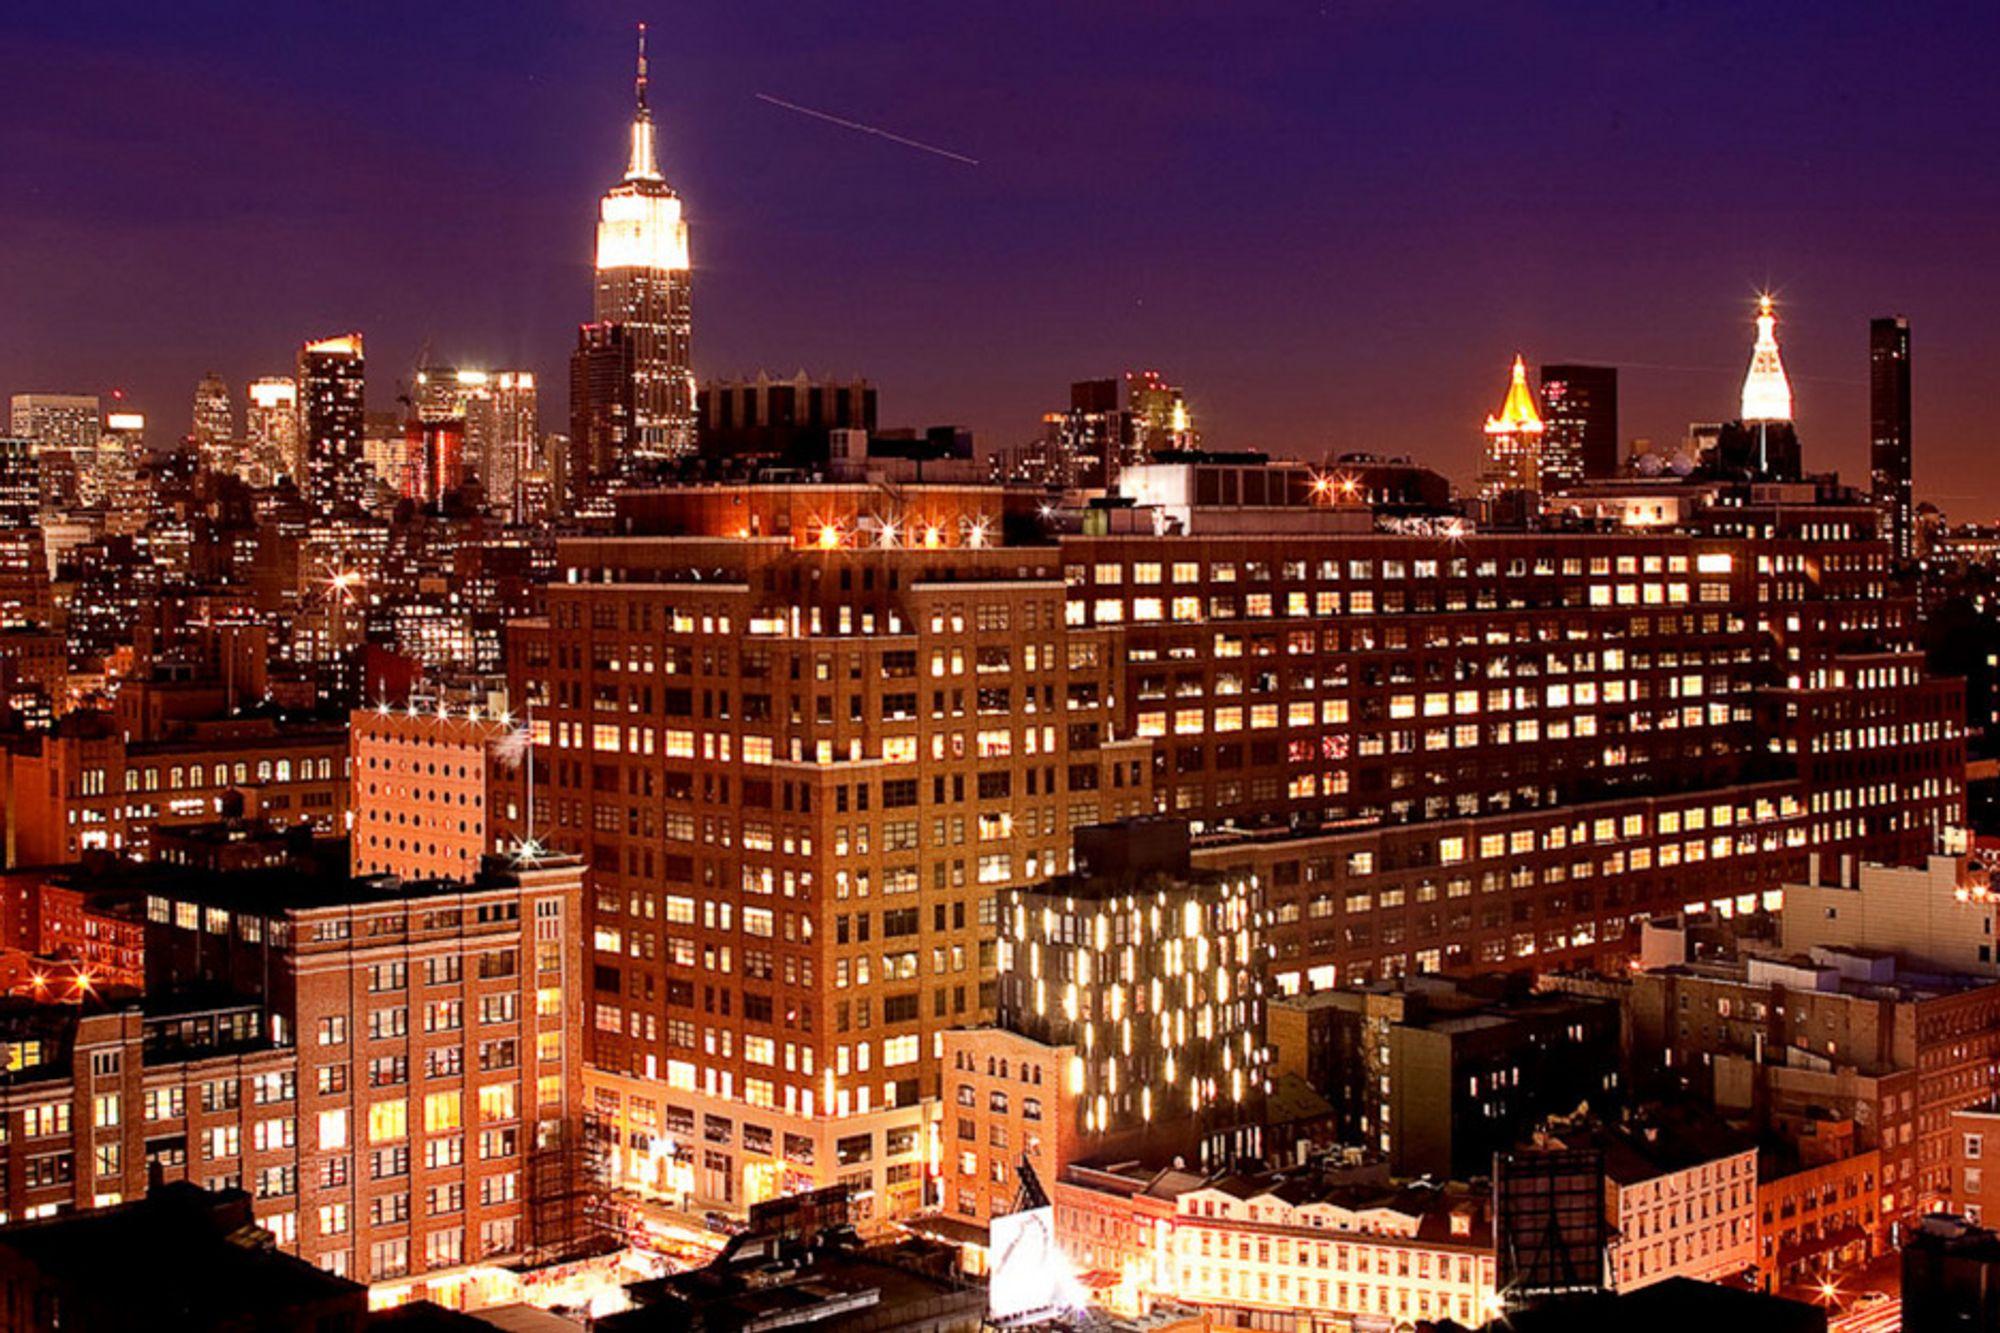 111 8th Avenue - Googles nye signalbygg på Manhattan. Bygget okkuperer et helt kvartal og har et areal på rundt 275 000 kvadratmeter.